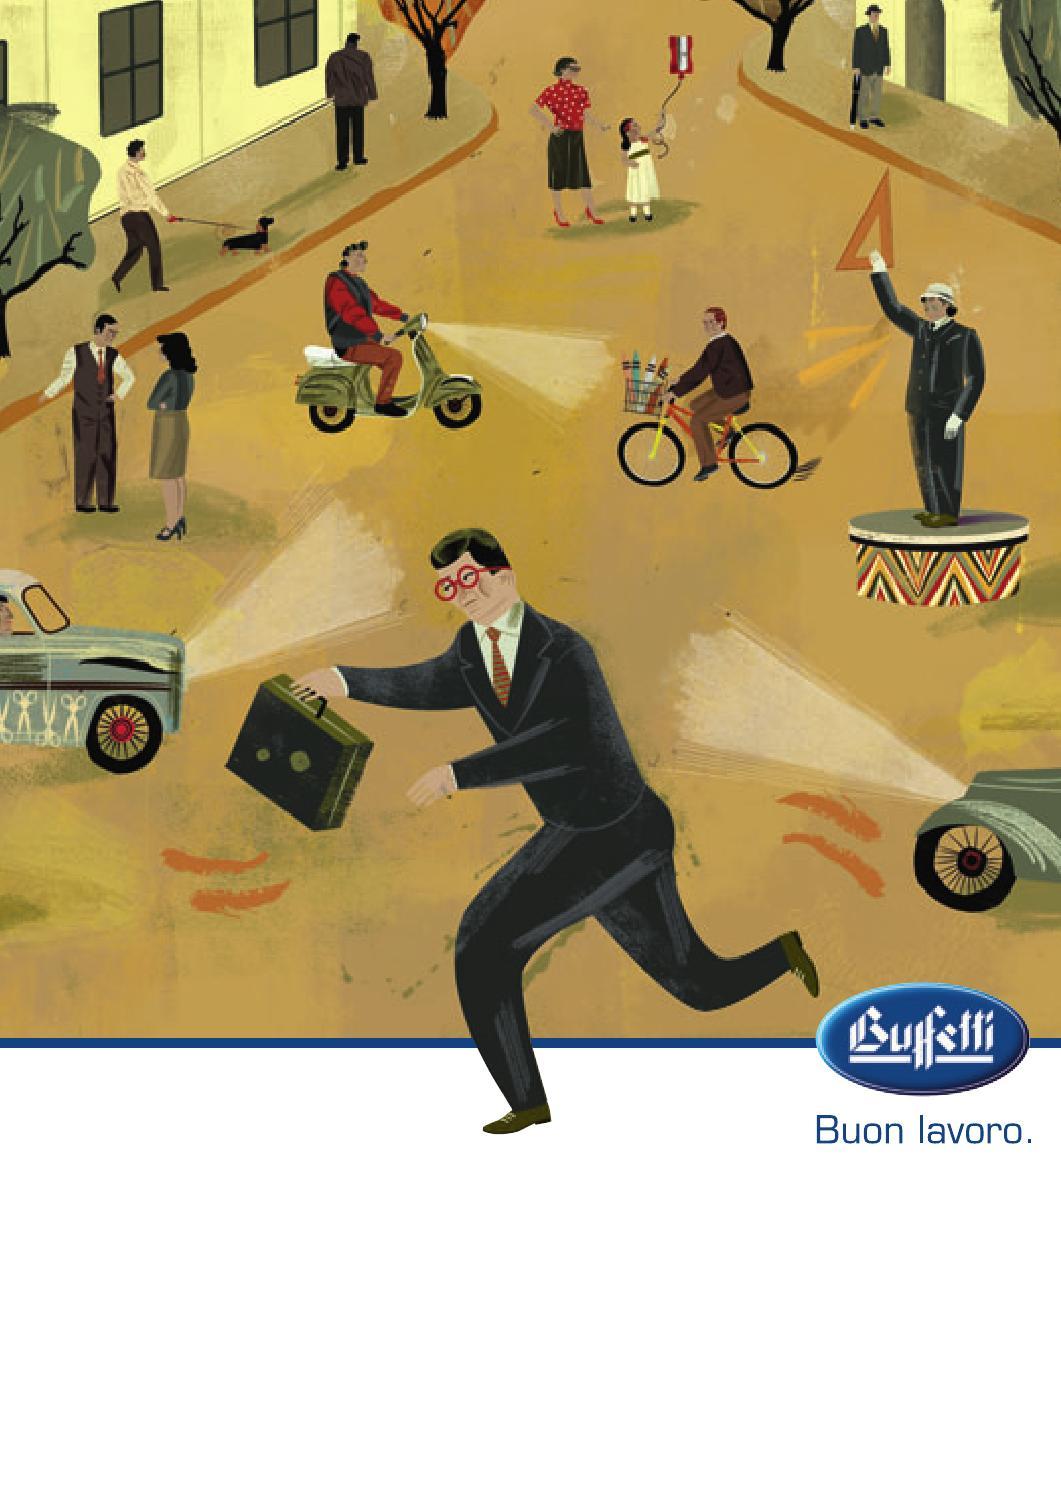 Catalogo generale buffetti 2014 istruzioni e indice for Arredo buffetti